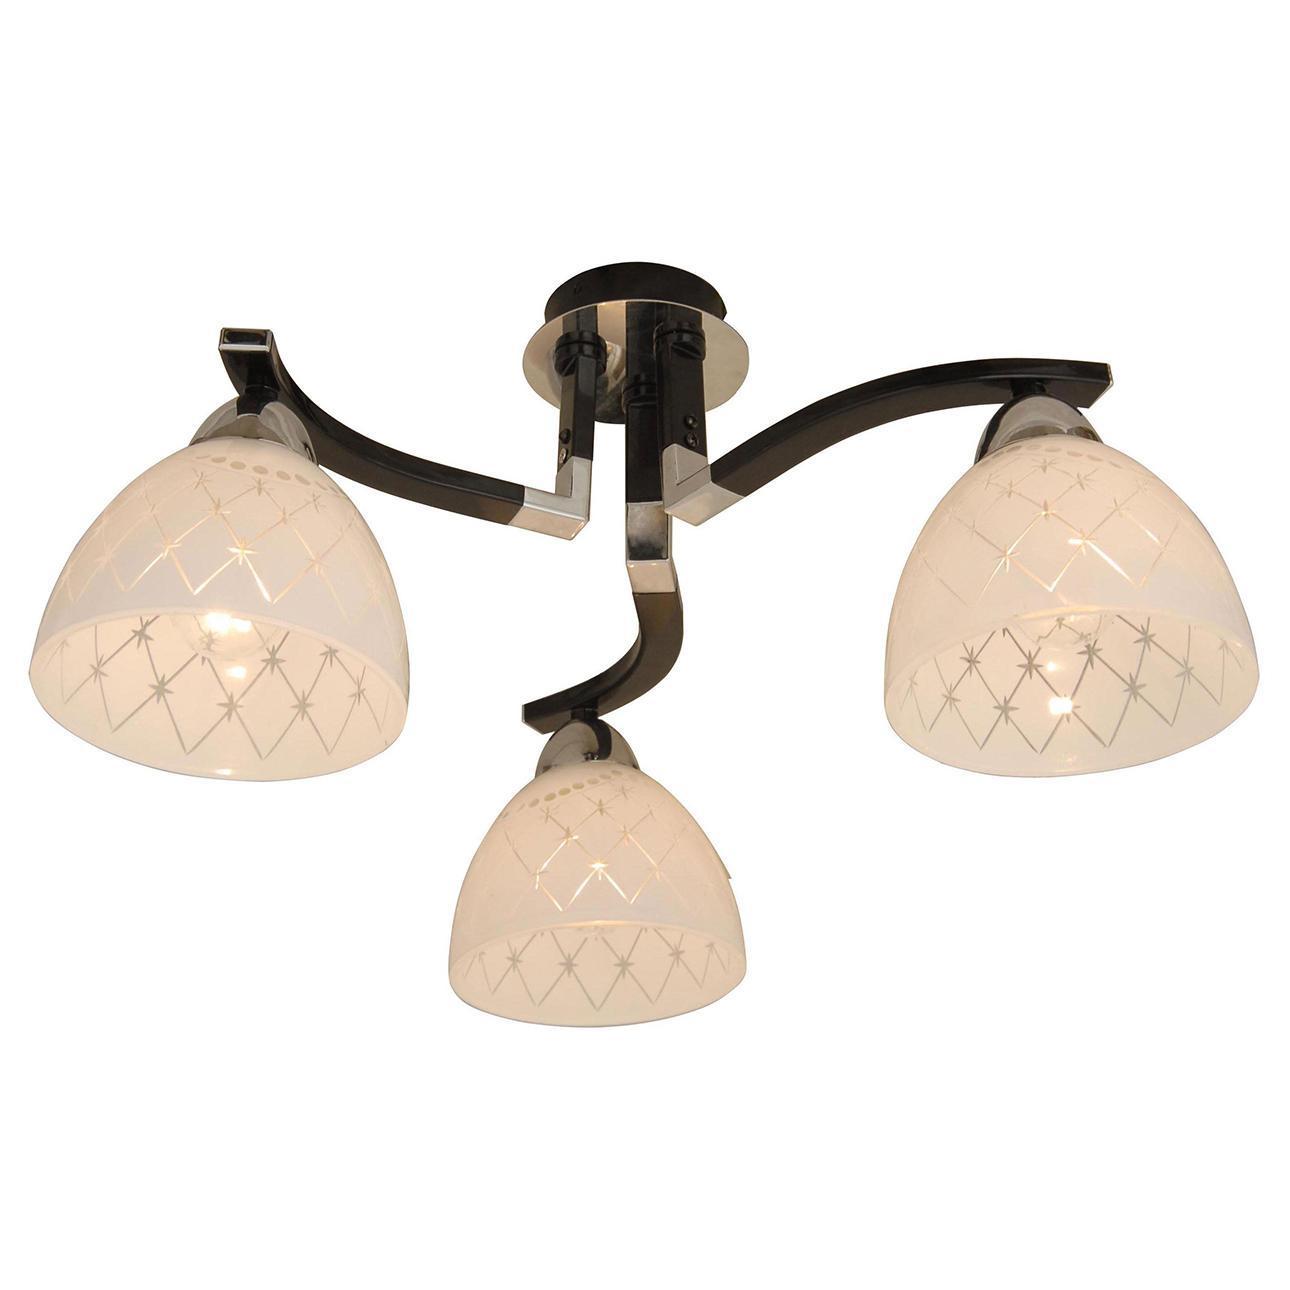 Люстра CitiluxЛюстры<br>Назначение светильника: для комнаты, Стиль светильника: модерн, Тип: потолочная, Материал светильника: металл, стекло, Материал плафона: стекло, Материал арматуры: металл, Длина (мм): 440, Ширина: 440, Диаметр: 440, Высота: 230, Количество ламп: 3, Тип лампы: накаливания, Мощность: 75, Патрон: Е27, Цвет арматуры: черный, Родина бренда: Дания<br>